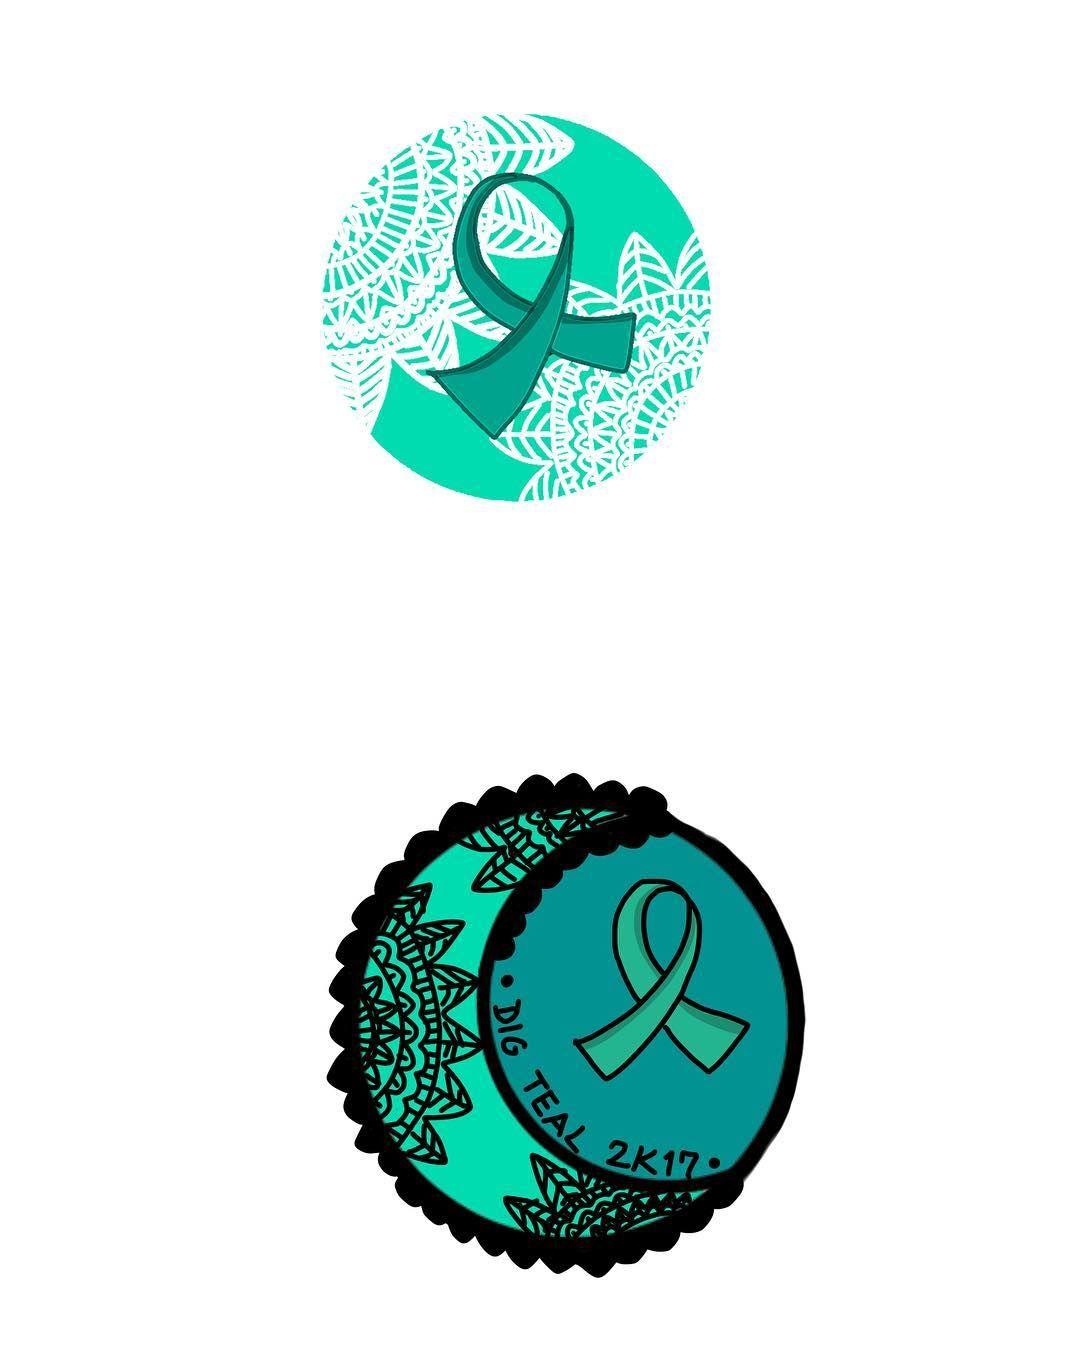 Dig Teal-Ovarian Cancer Awareness | Ovarian Cancer Awareness ...